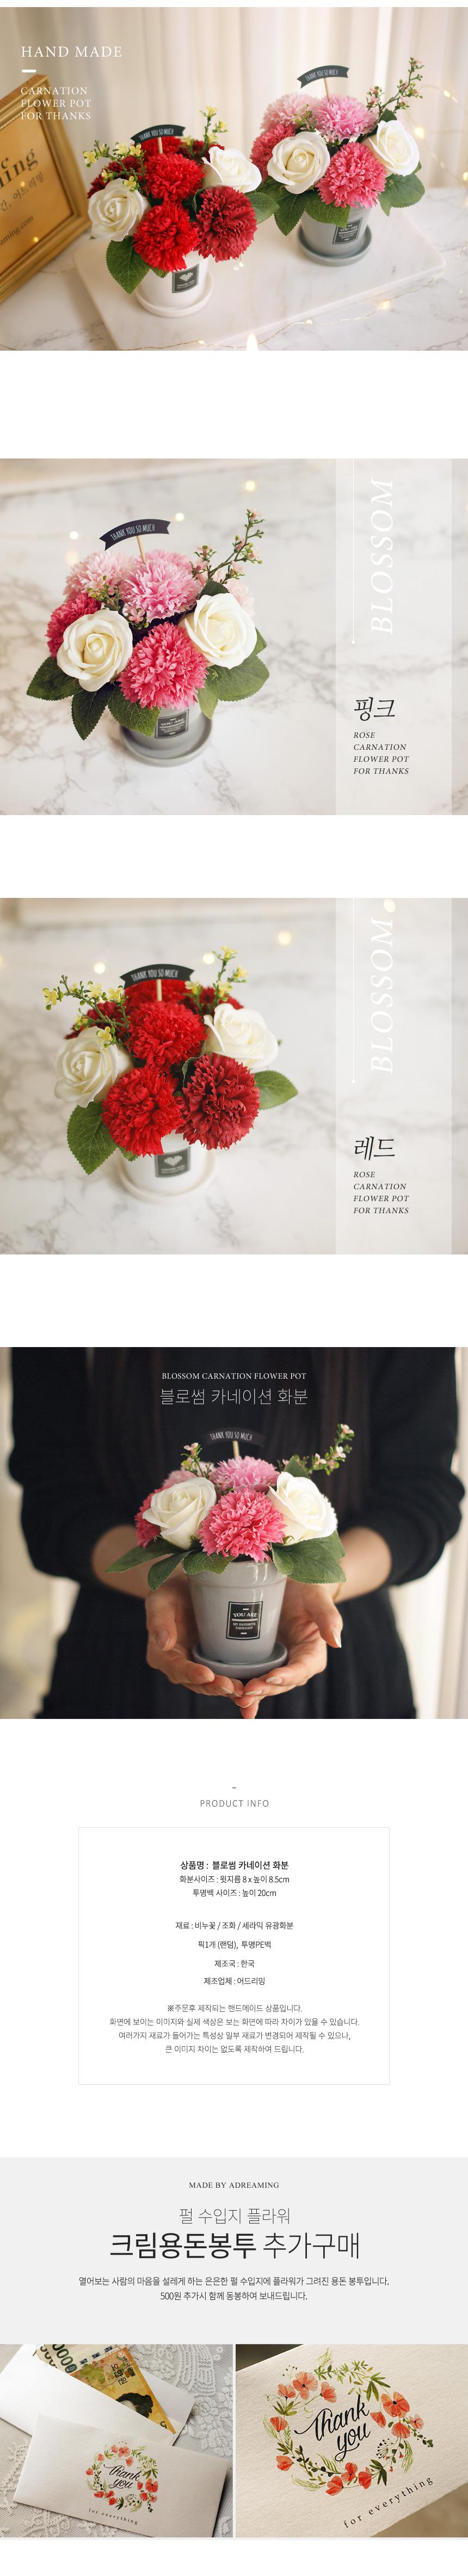 블로썸 카네이션 로즈 화분 - 꿈꾸는다락방, 12,900원, 조화, 비누꽃